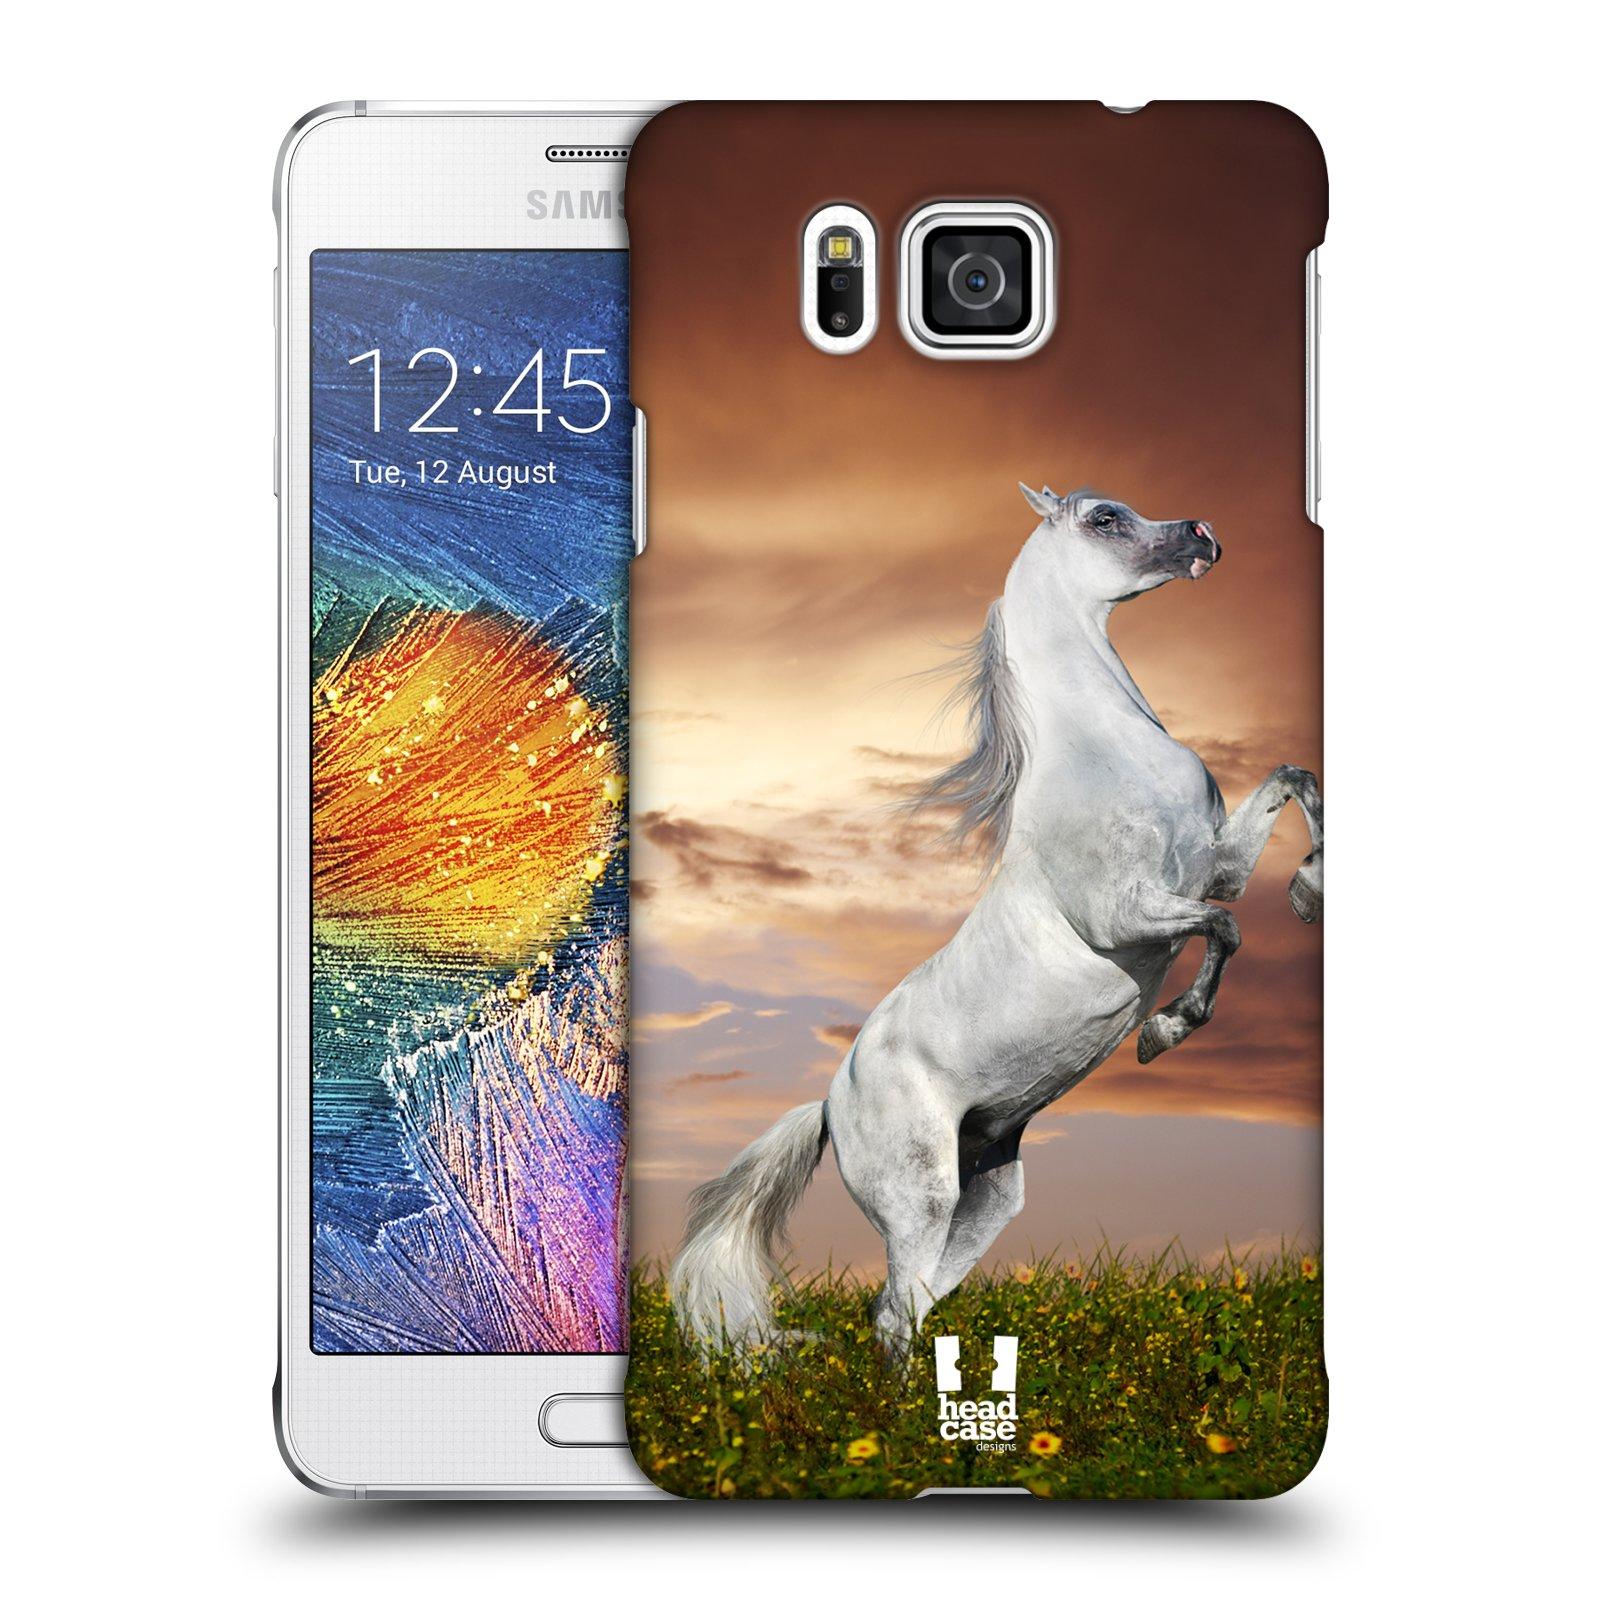 HEAD CASE plastový obal na mobil SAMSUNG Galaxy Alpha (G850) vzor Divočina, Divoký život a zvířata foto DIVOKÝ KŮŇ MUSTANG BÍLÁ